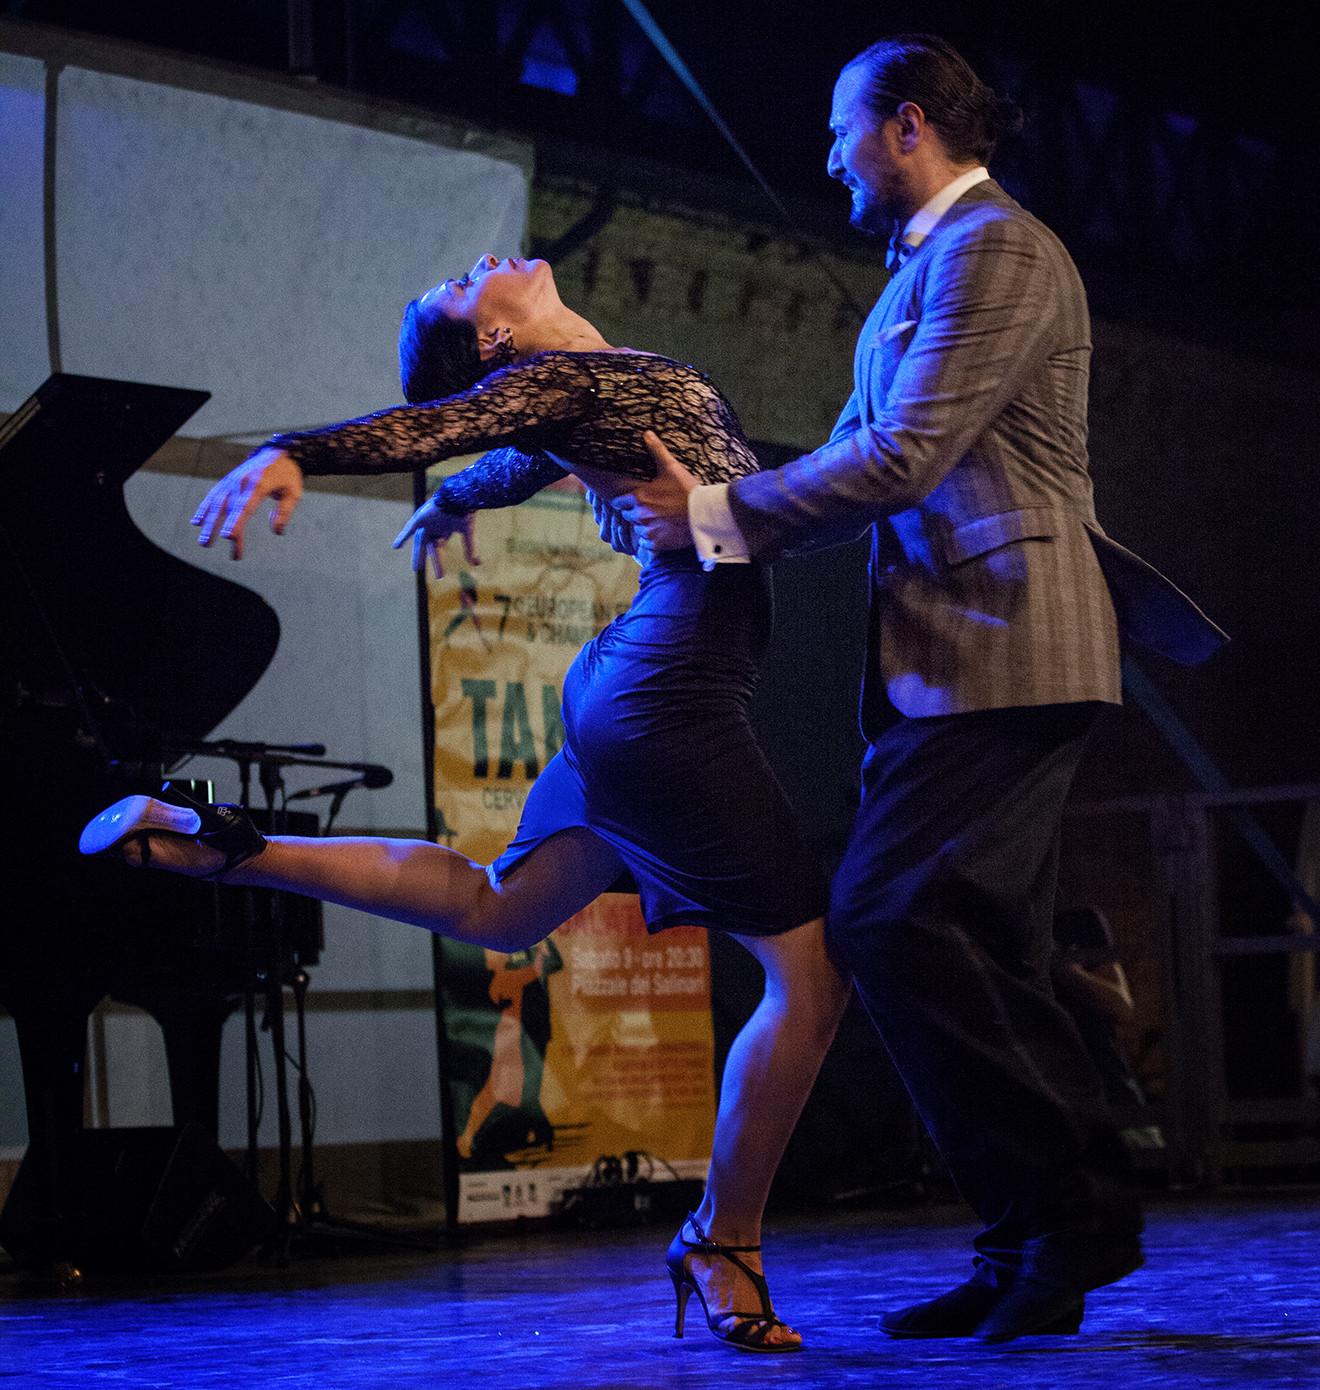 Grande successo per l'Italia alle finali del 7° Festival e Campionato Europeo di Tango